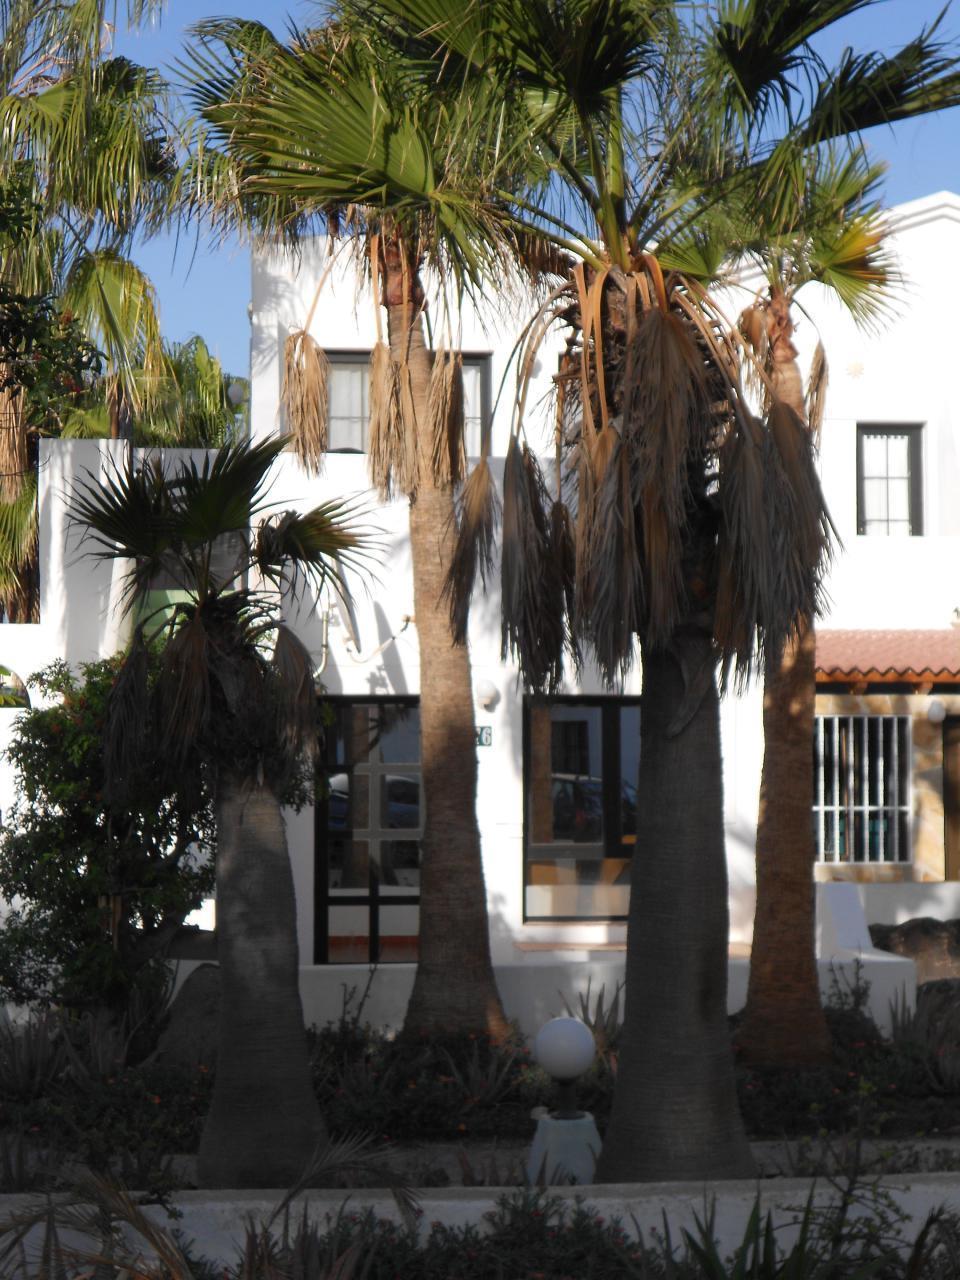 Ferienwohnung Costa Calma mit privatem Garten direkt am Strand (1851118), Costa Calma, Fuerteventura, Kanarische Inseln, Spanien, Bild 2